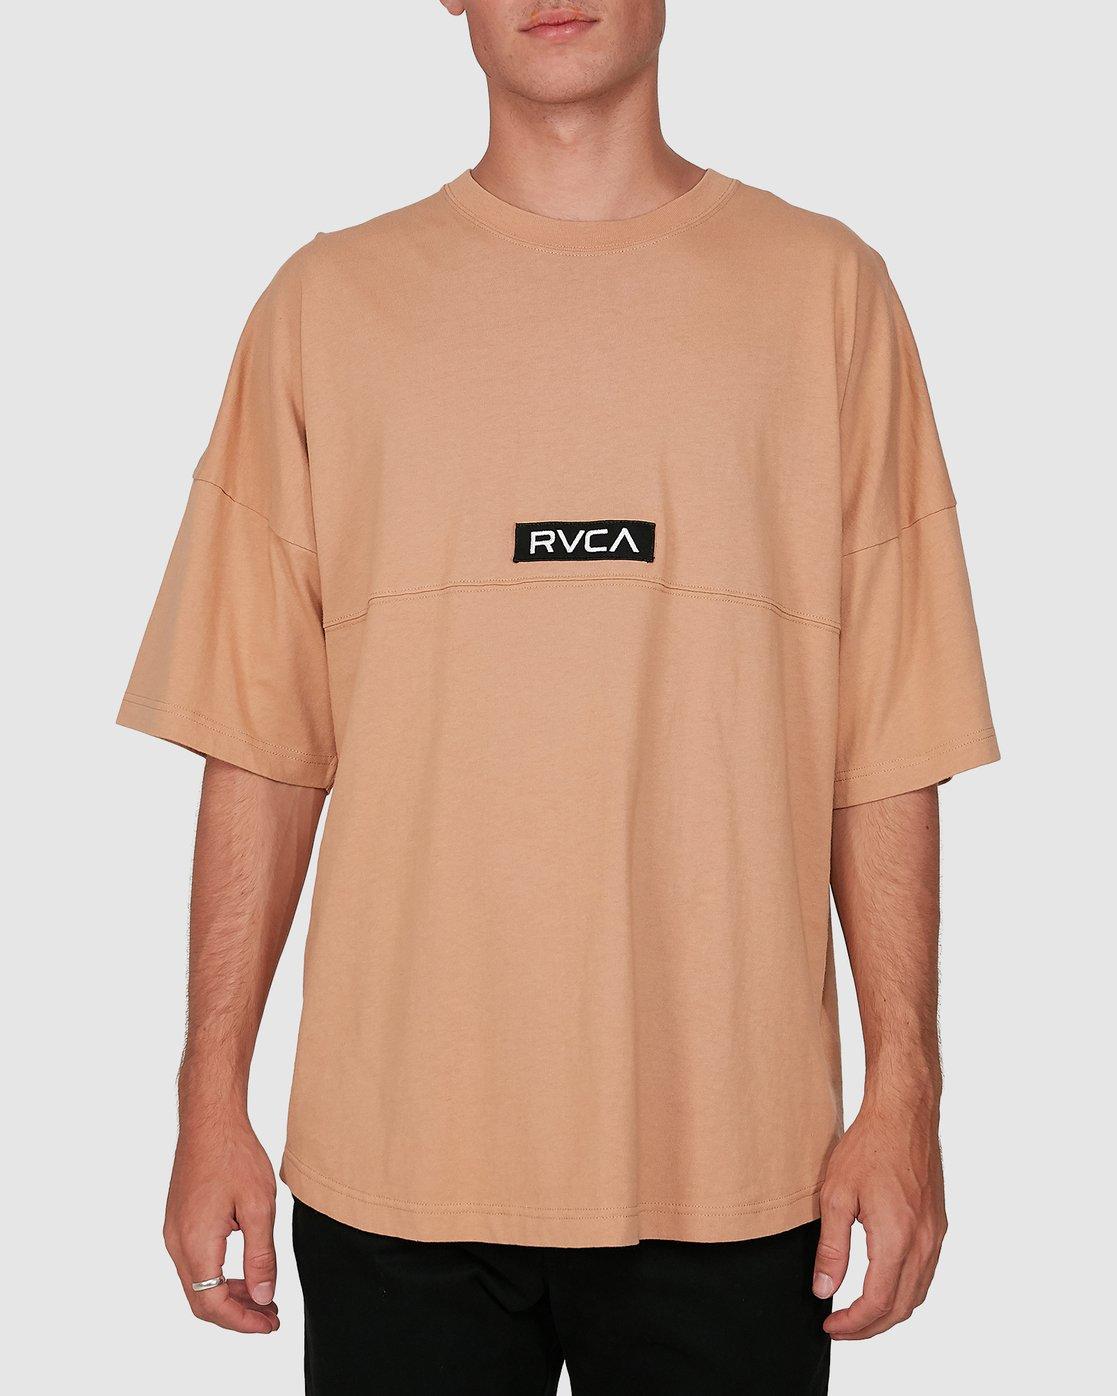 0 Harajuku Short Sleeve Tee Beige R191058 RVCA